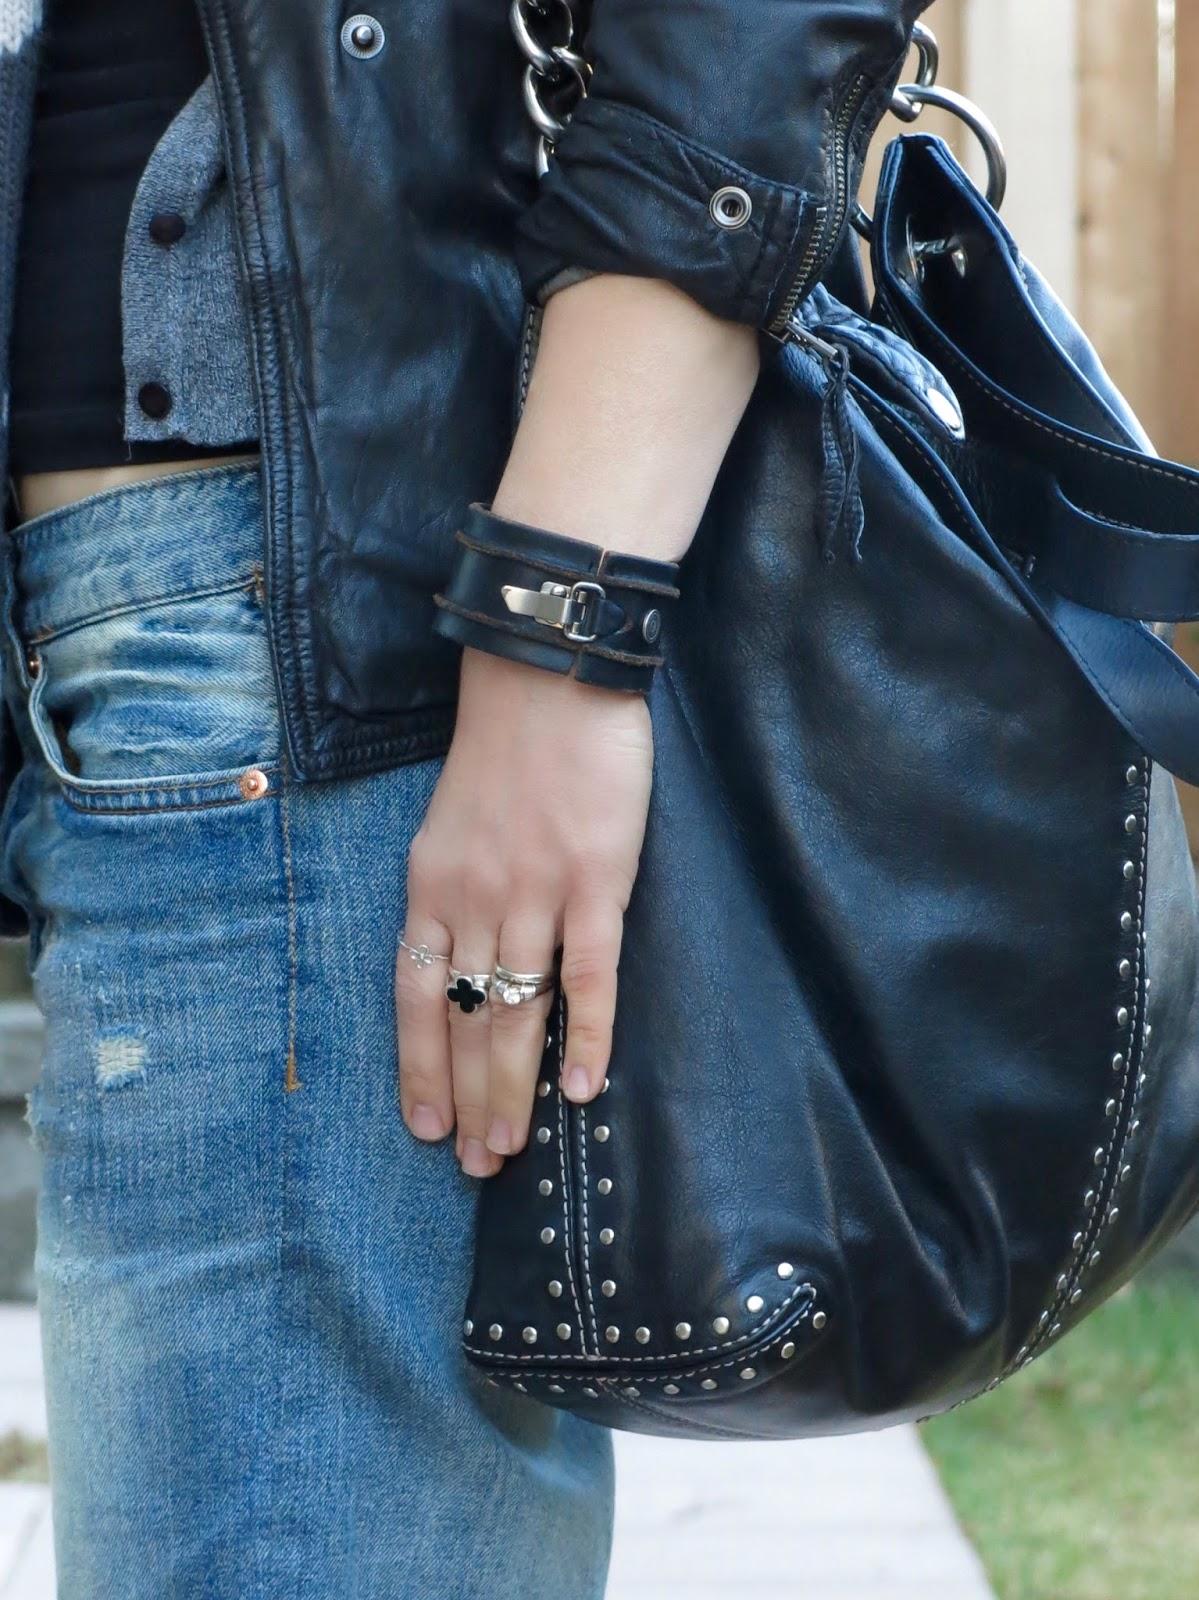 boyfriend jeans, Michael Kors stud-embellished bag